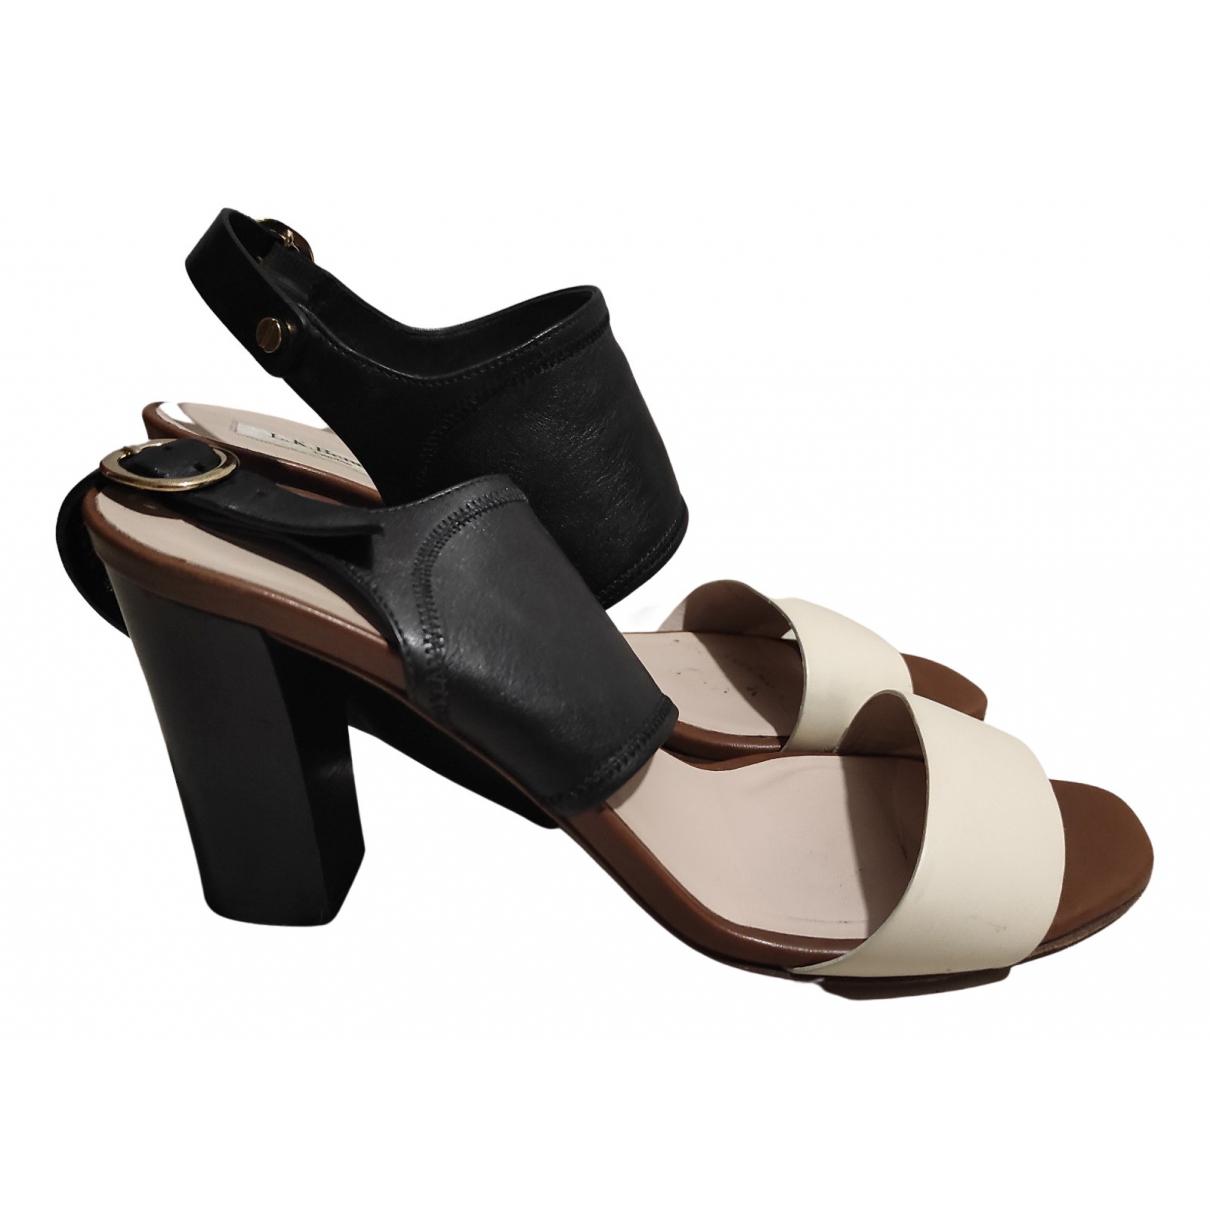 Lk Bennett N Multicolour Leather Sandals for Women 39 EU